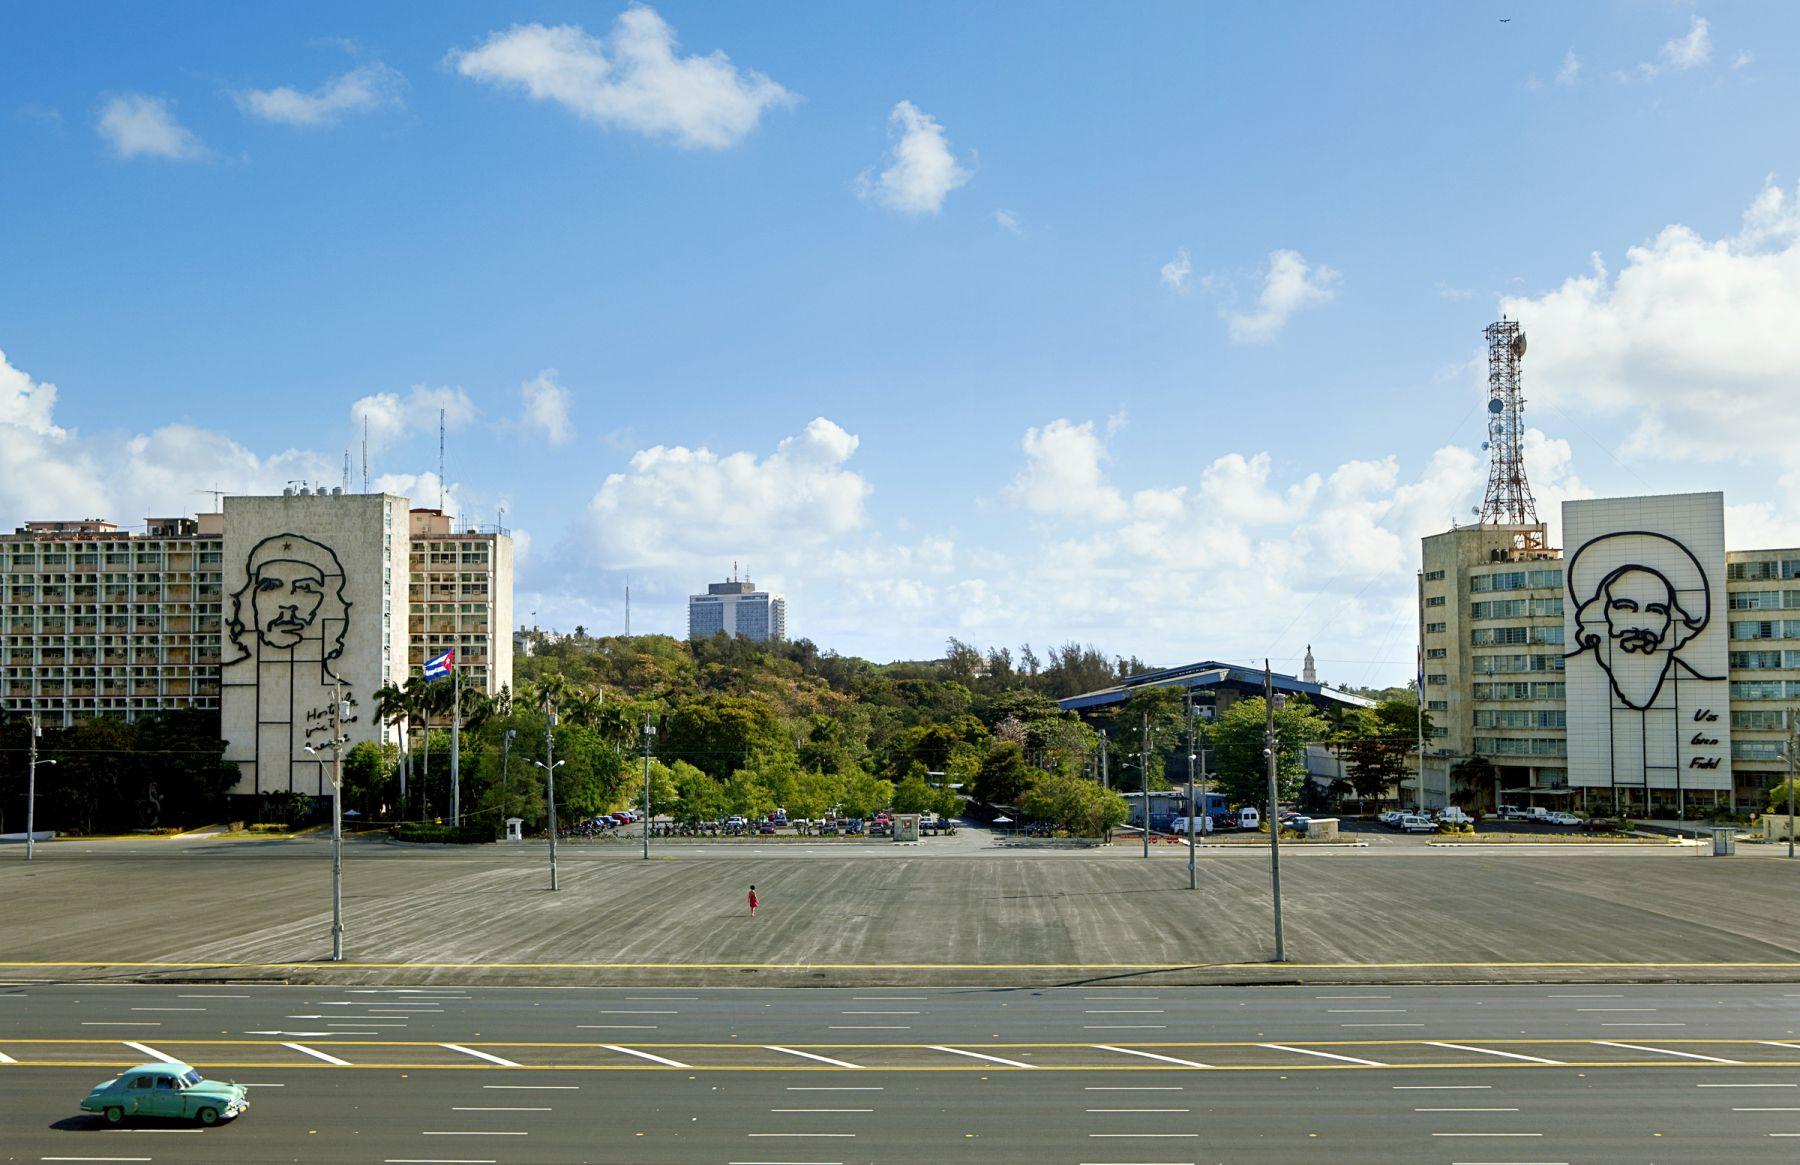 The Empty Plaza / La Plaza Vacia, 2012, Single-channel video with surround-sound,00:11:52